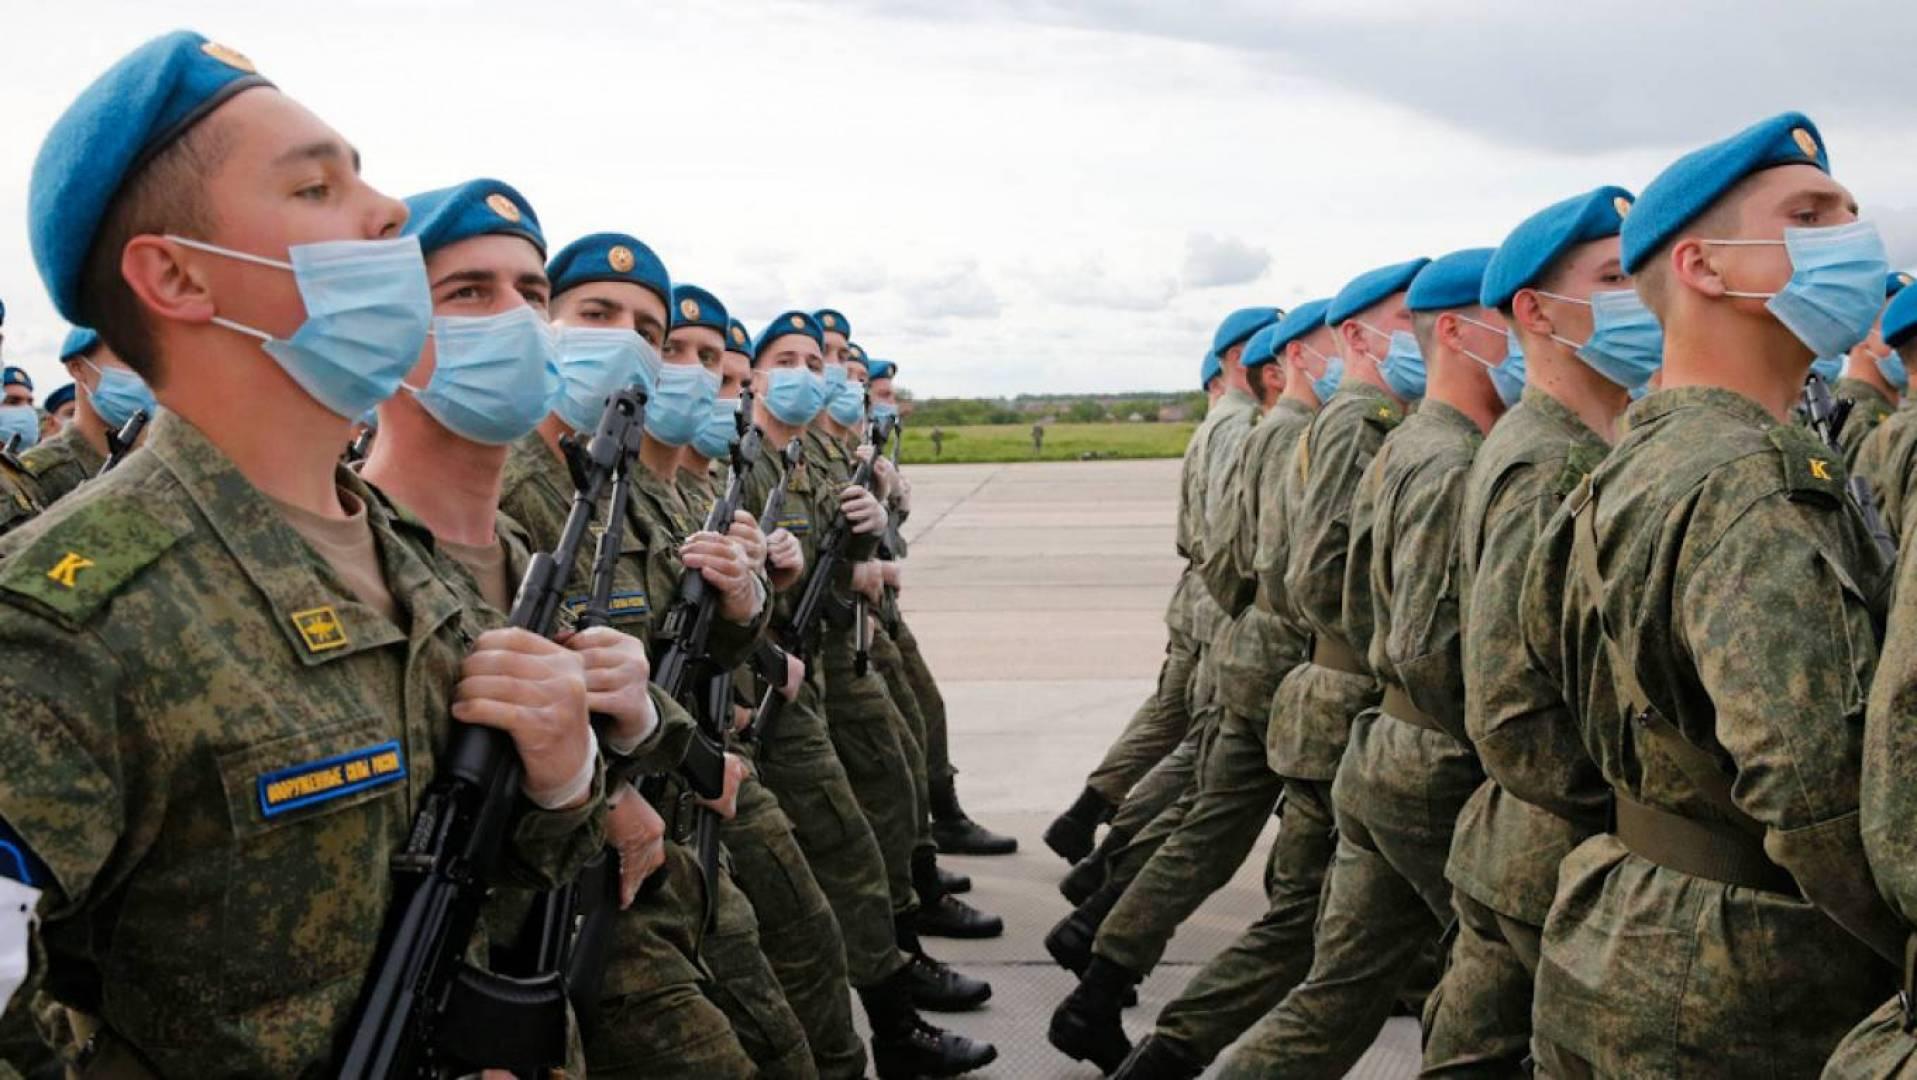 لماذا أرسلت روسيا ورواندا «مئات الجنود» إلى أفريقيا الوسطى؟